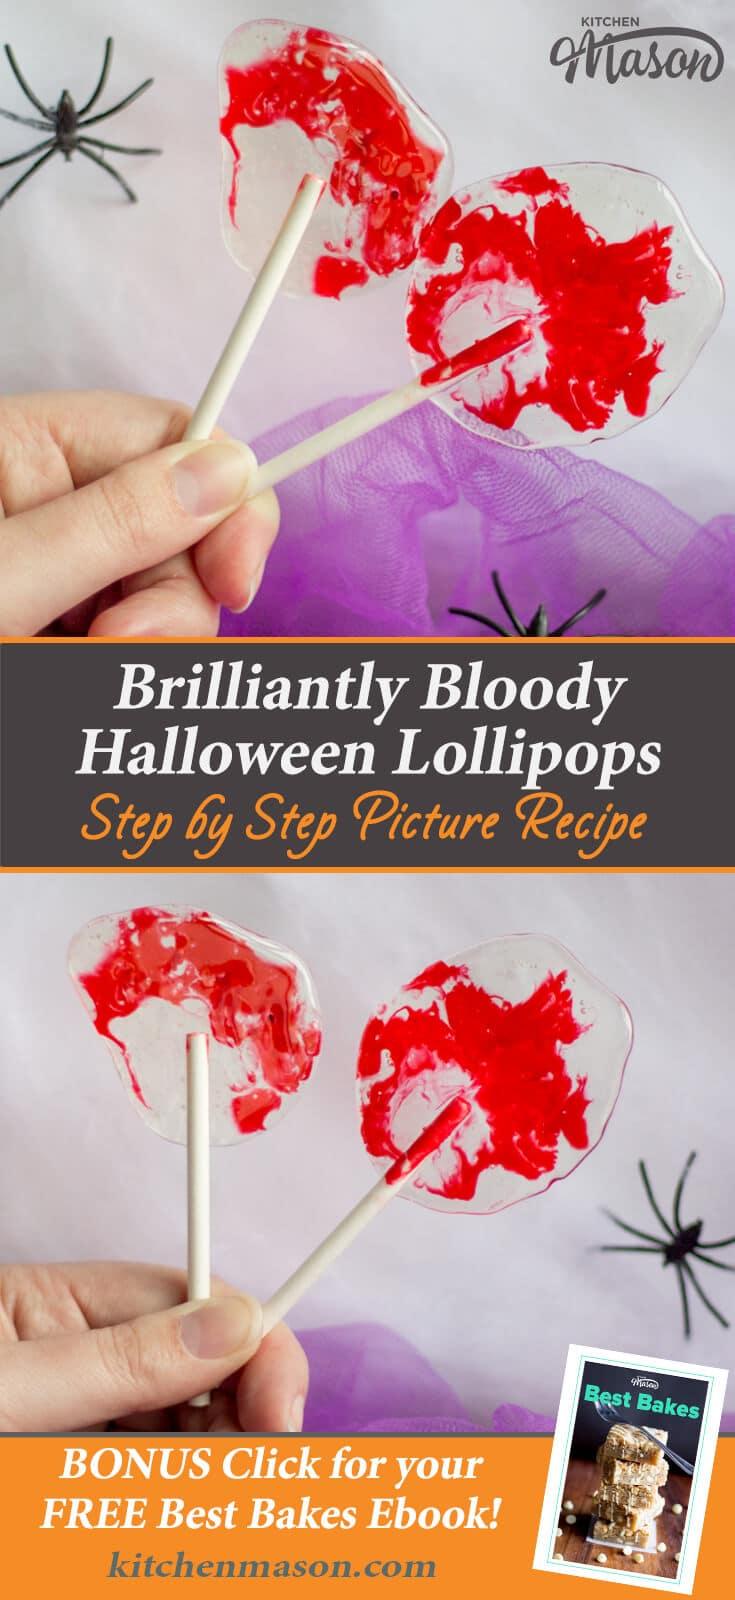 Bloody Halloween Lollipops | Easy Halloween Recipes | Halloween Treats